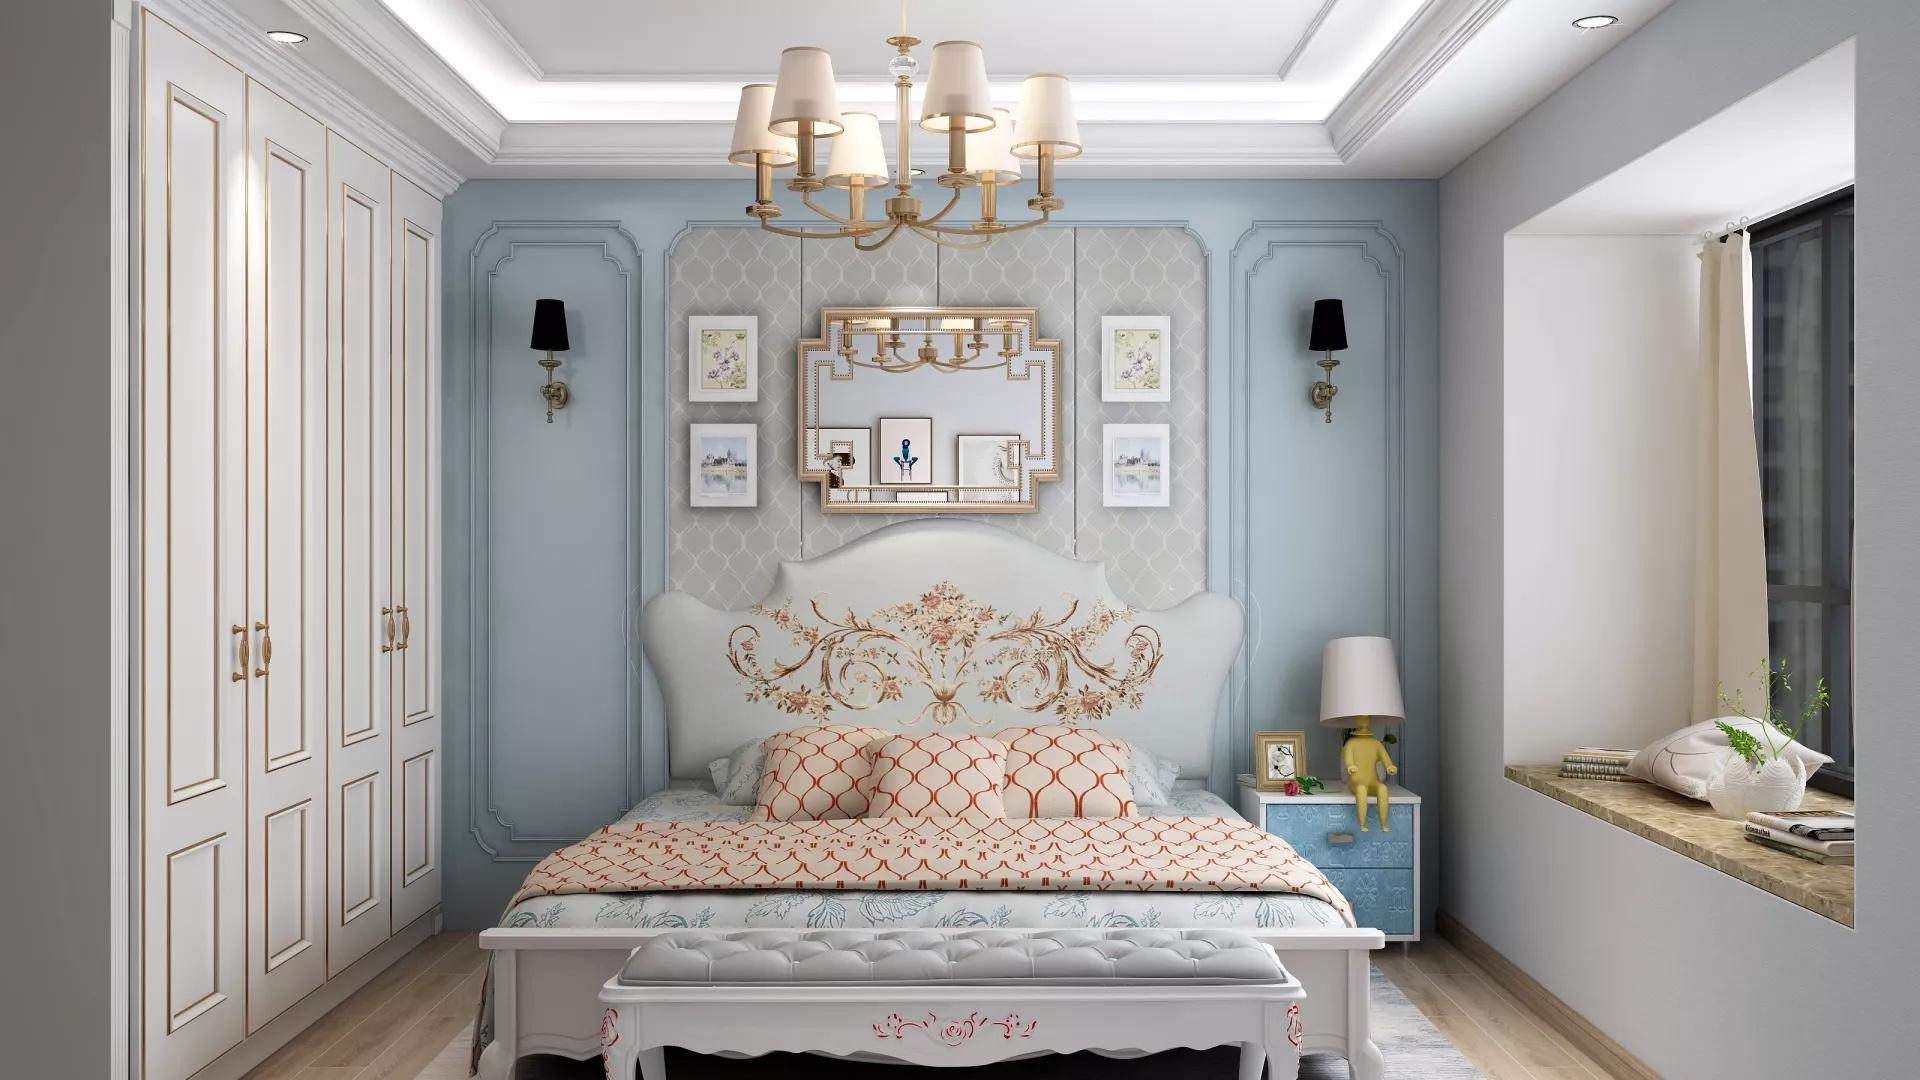 4个卧室装修设计技巧分享 过来人的经验总结